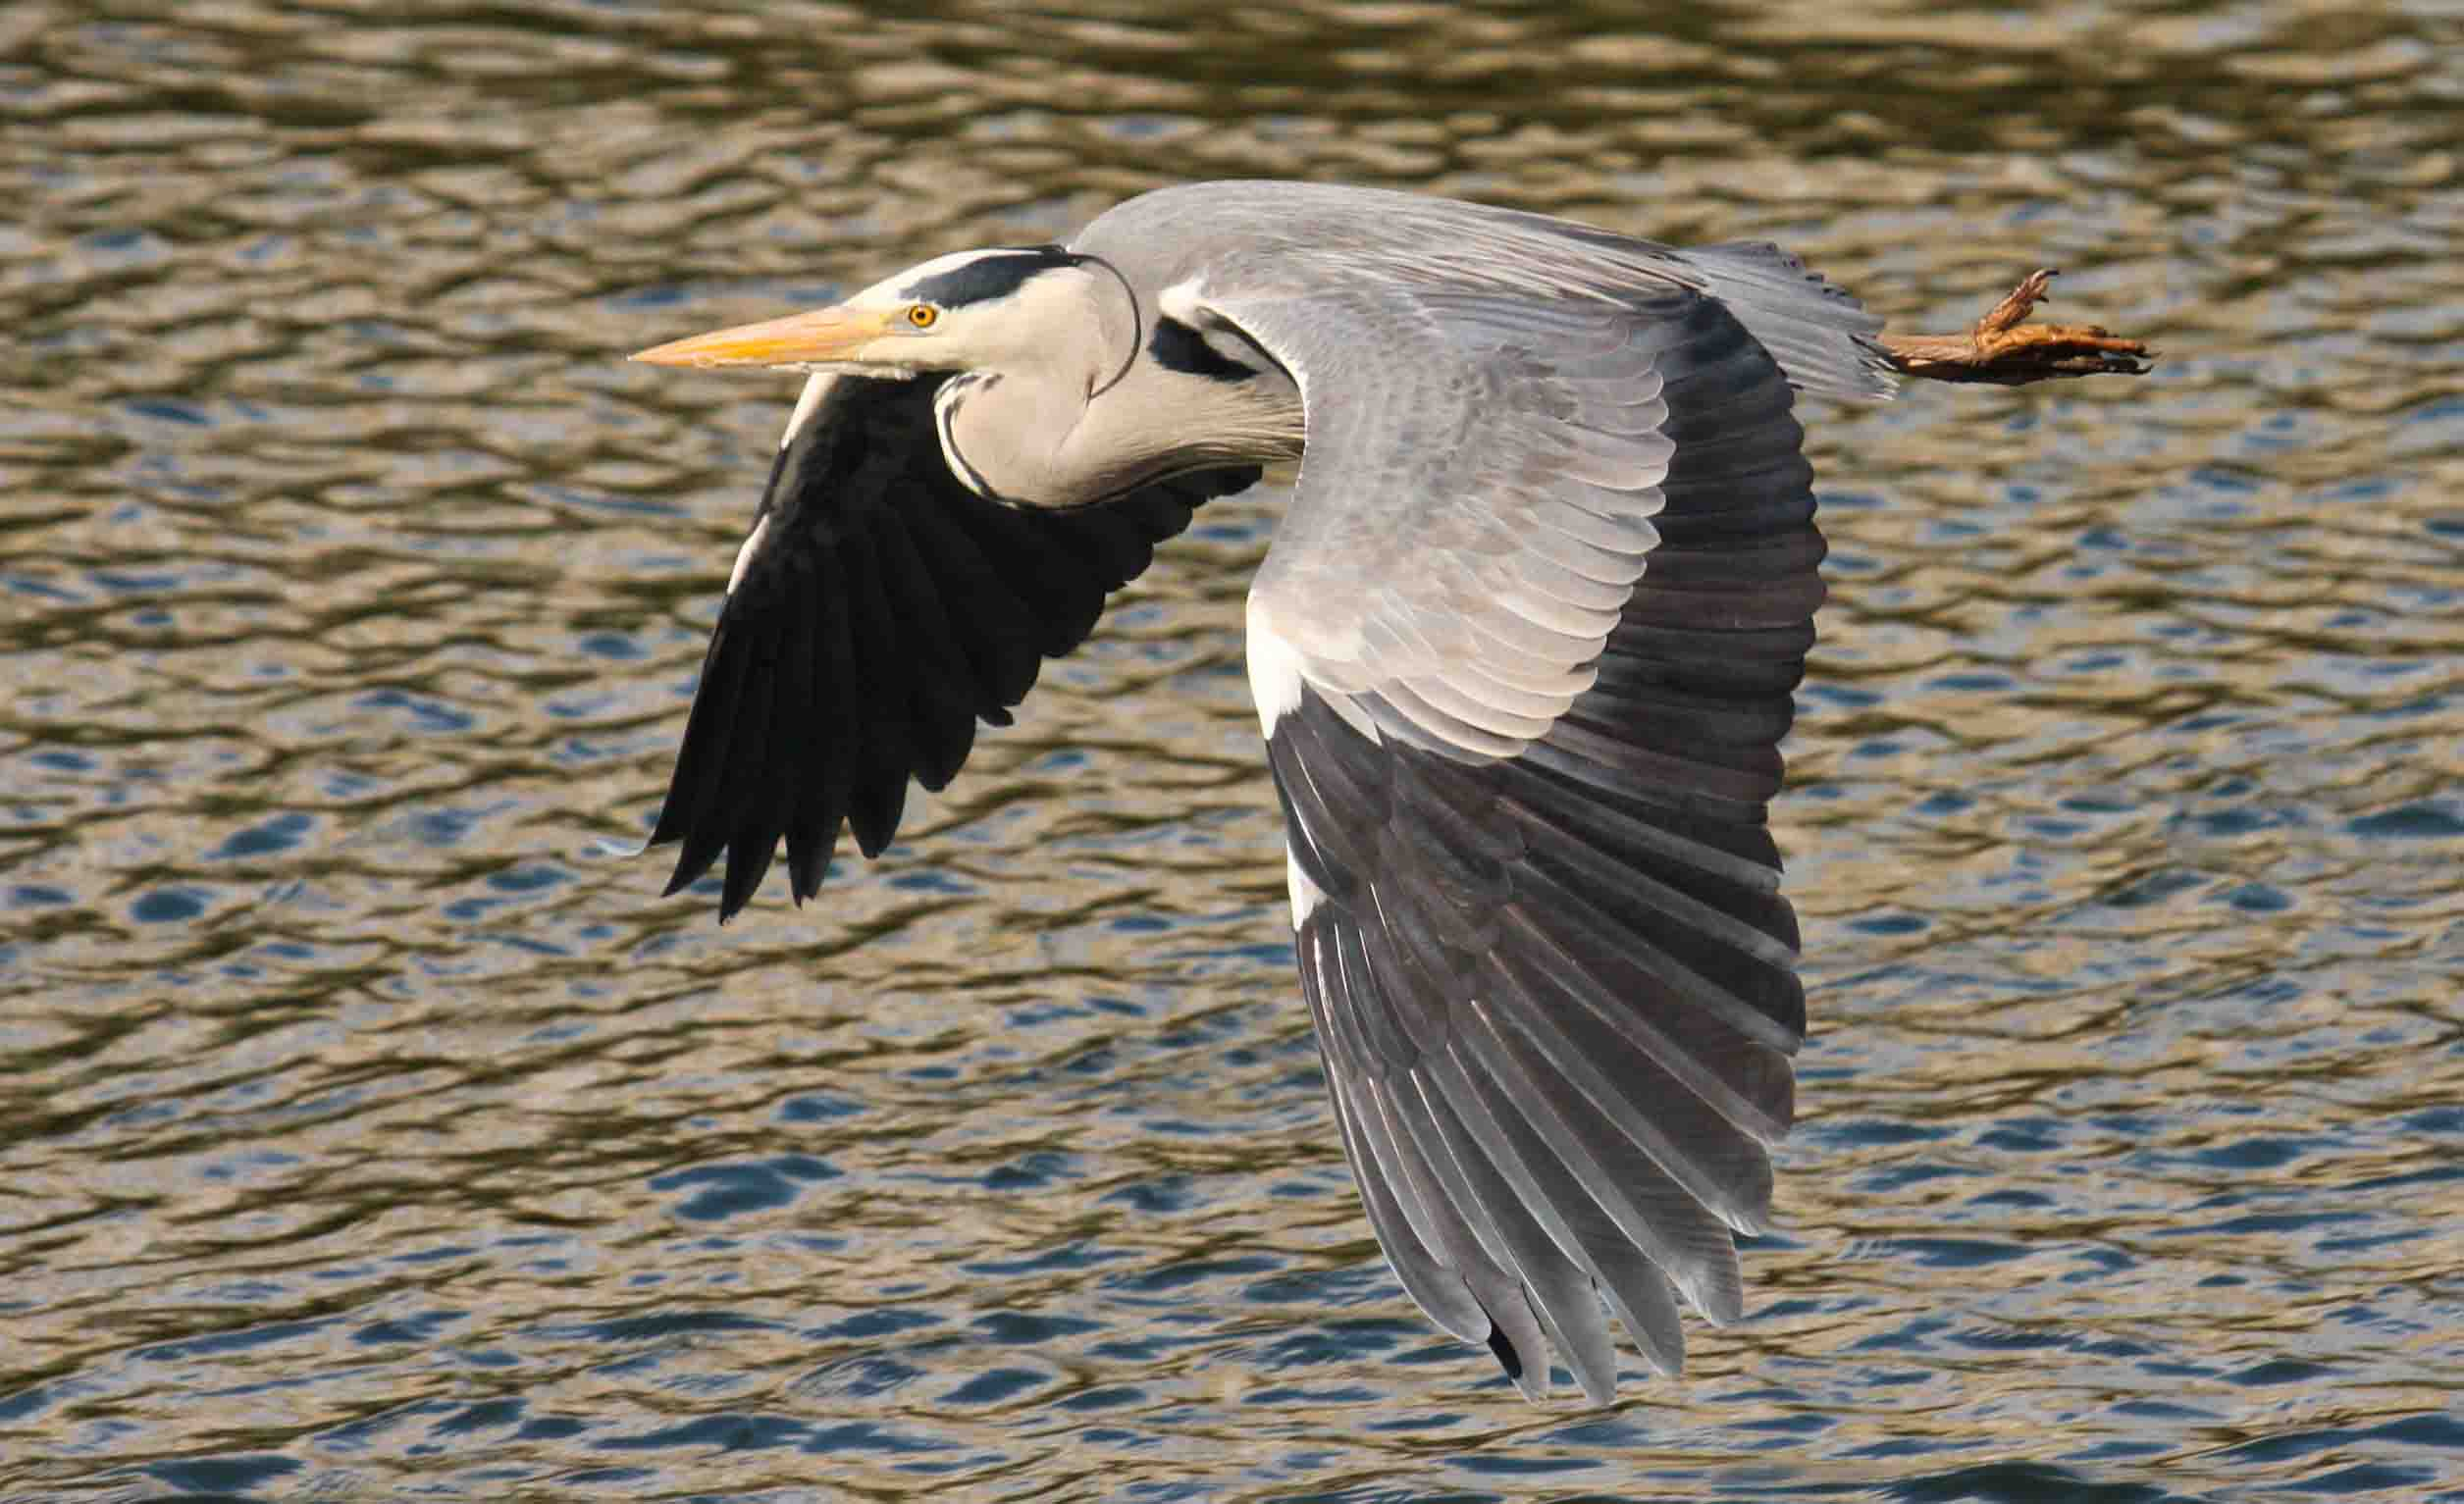 Grey heron flying photos